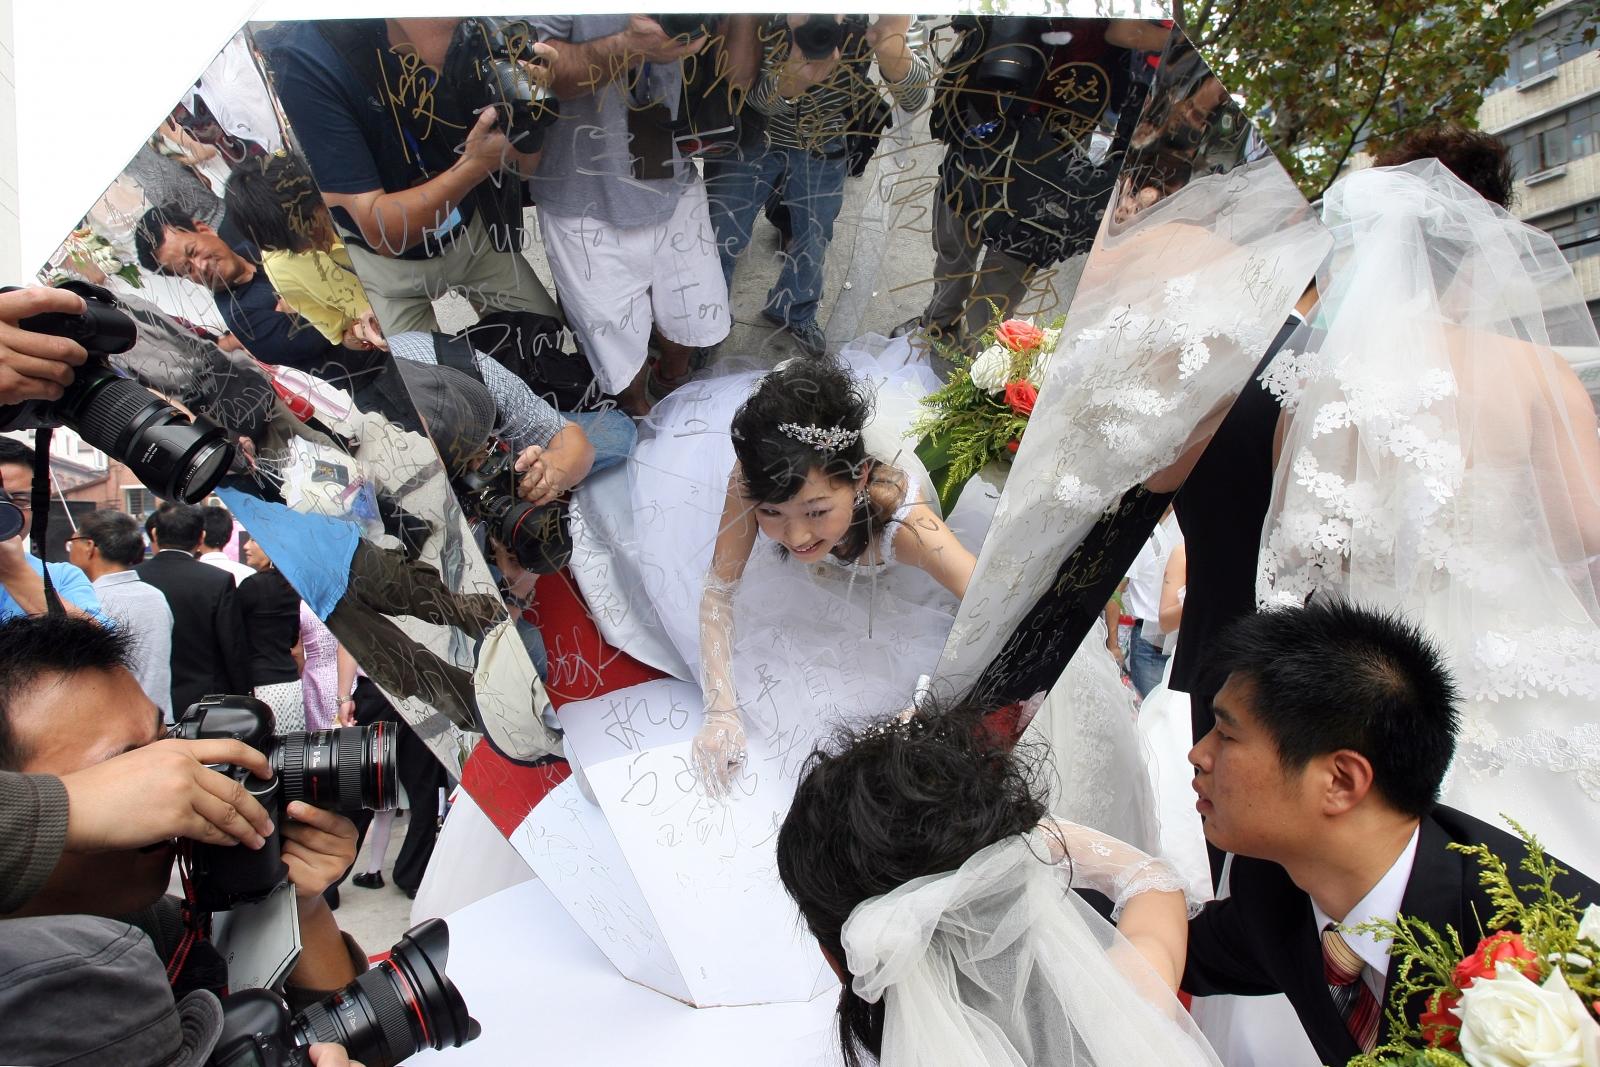 from Kody chinese naked wedding photo